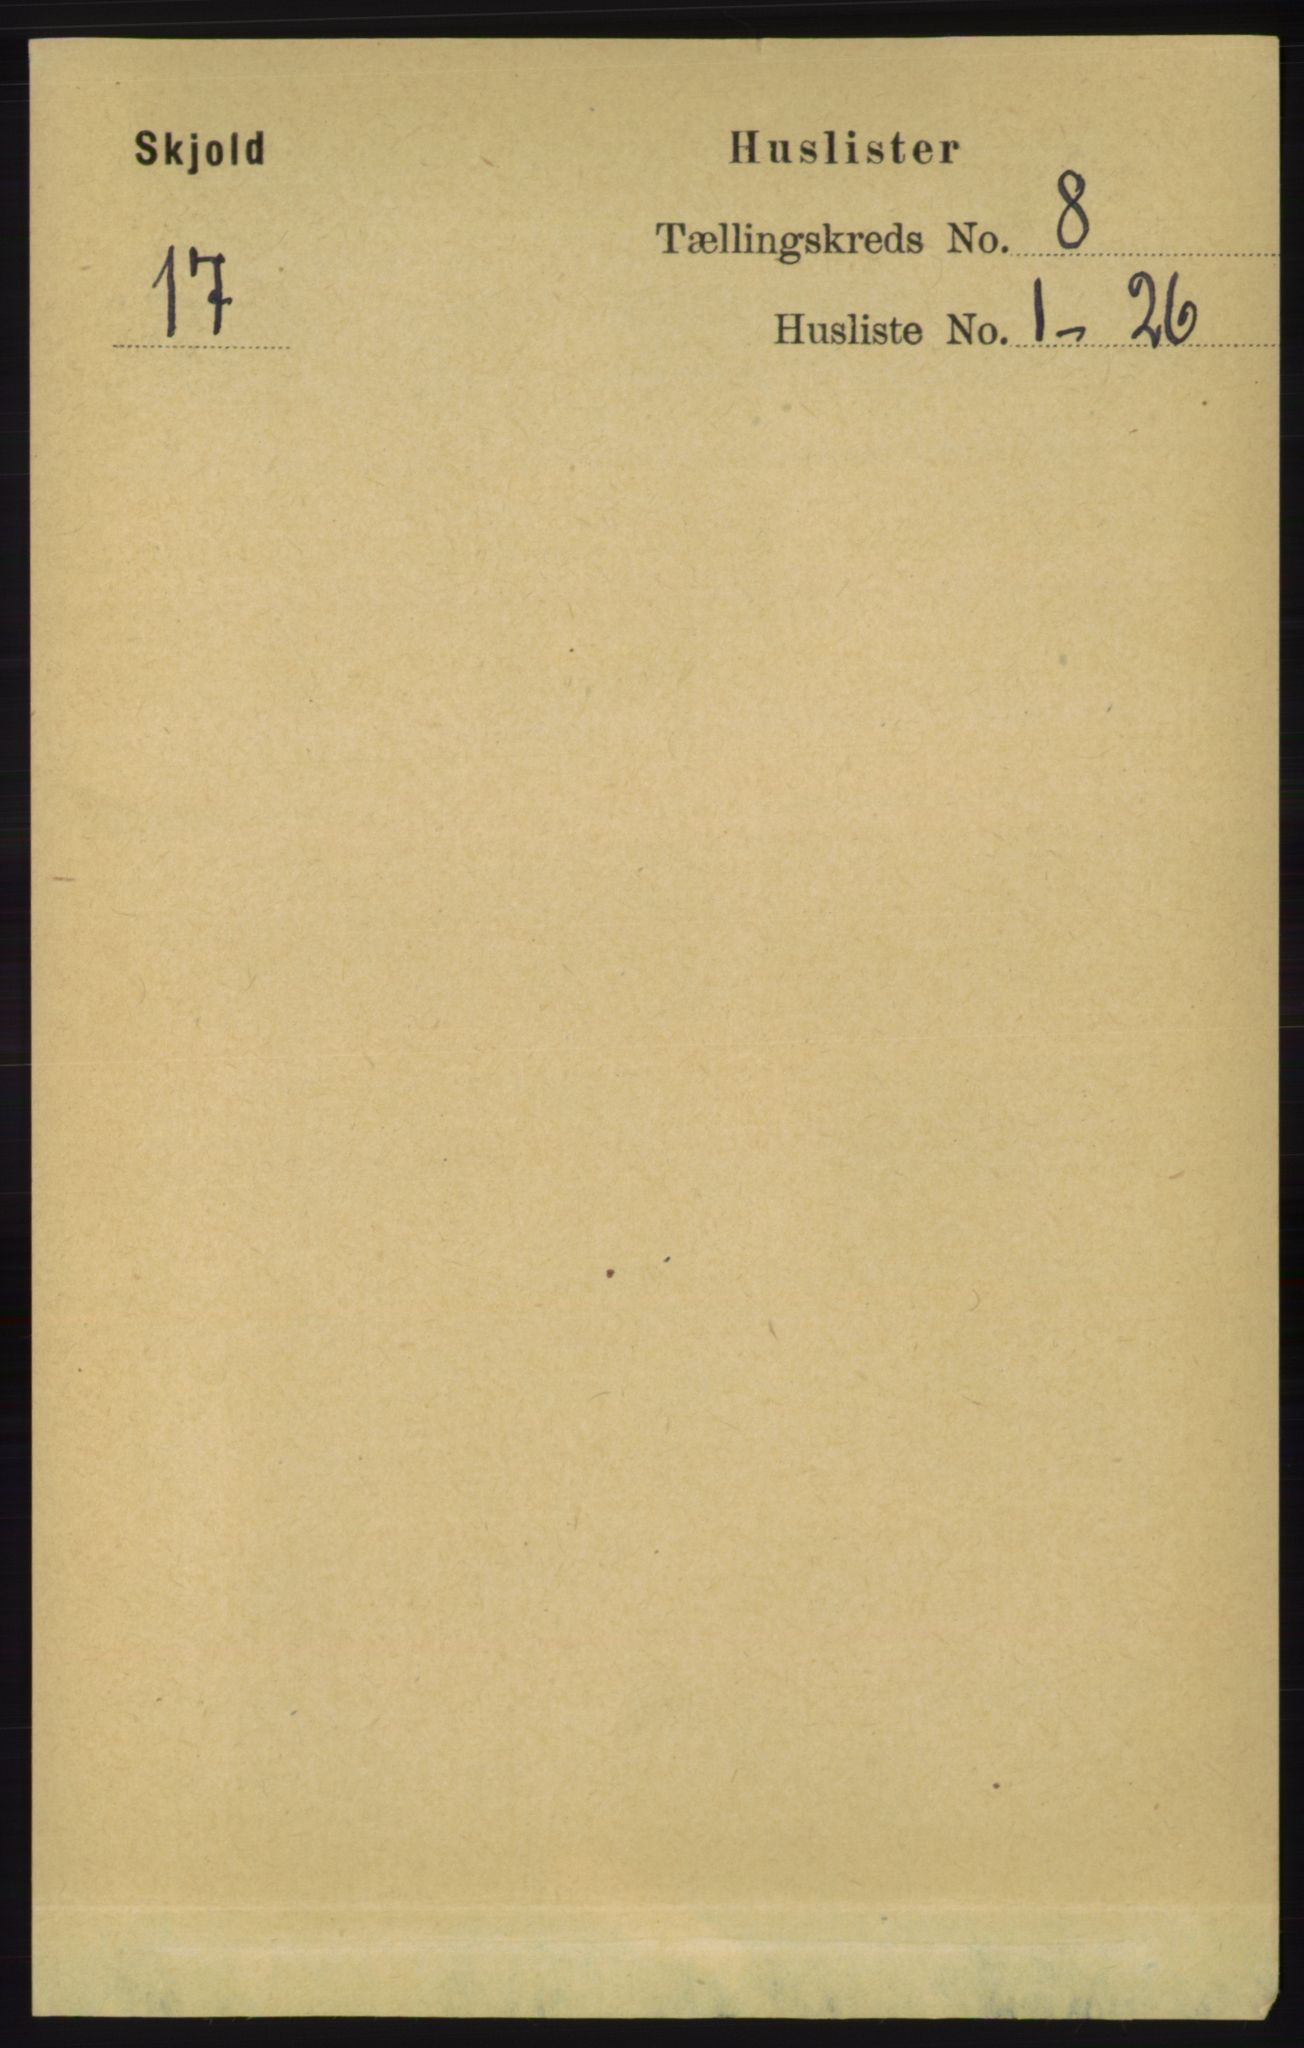 RA, Folketelling 1891 for 1154 Skjold herred, 1891, s. 1567